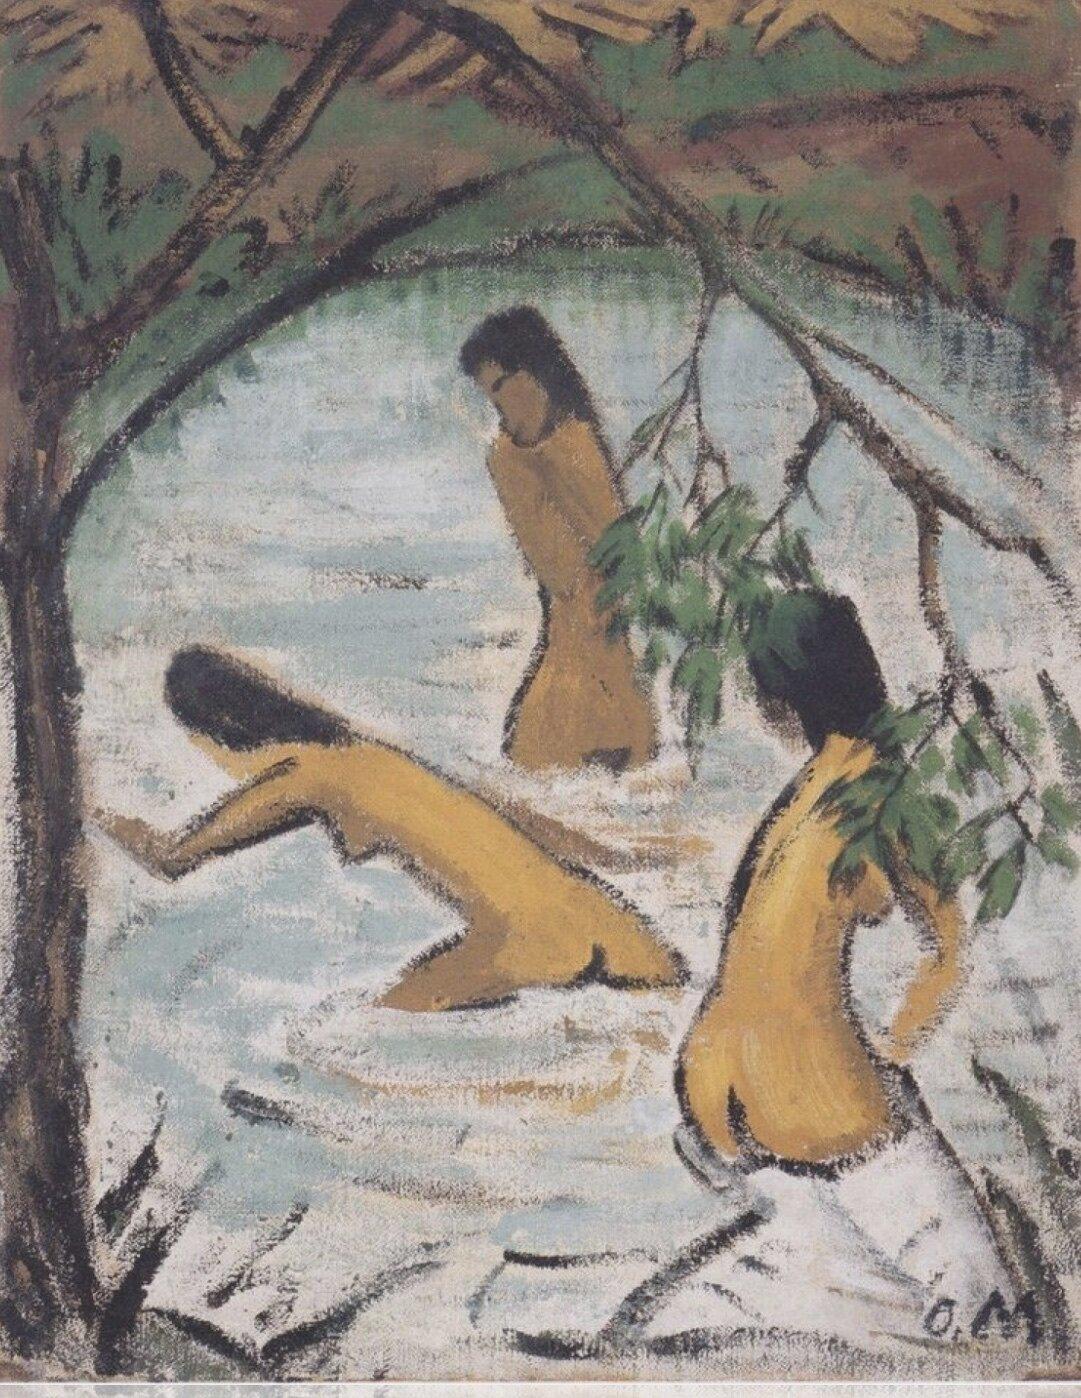 Artist   Otto Mueller   Title   Drei Badende im Wasser   Date   Ca. 1913   Image at   @moma.org